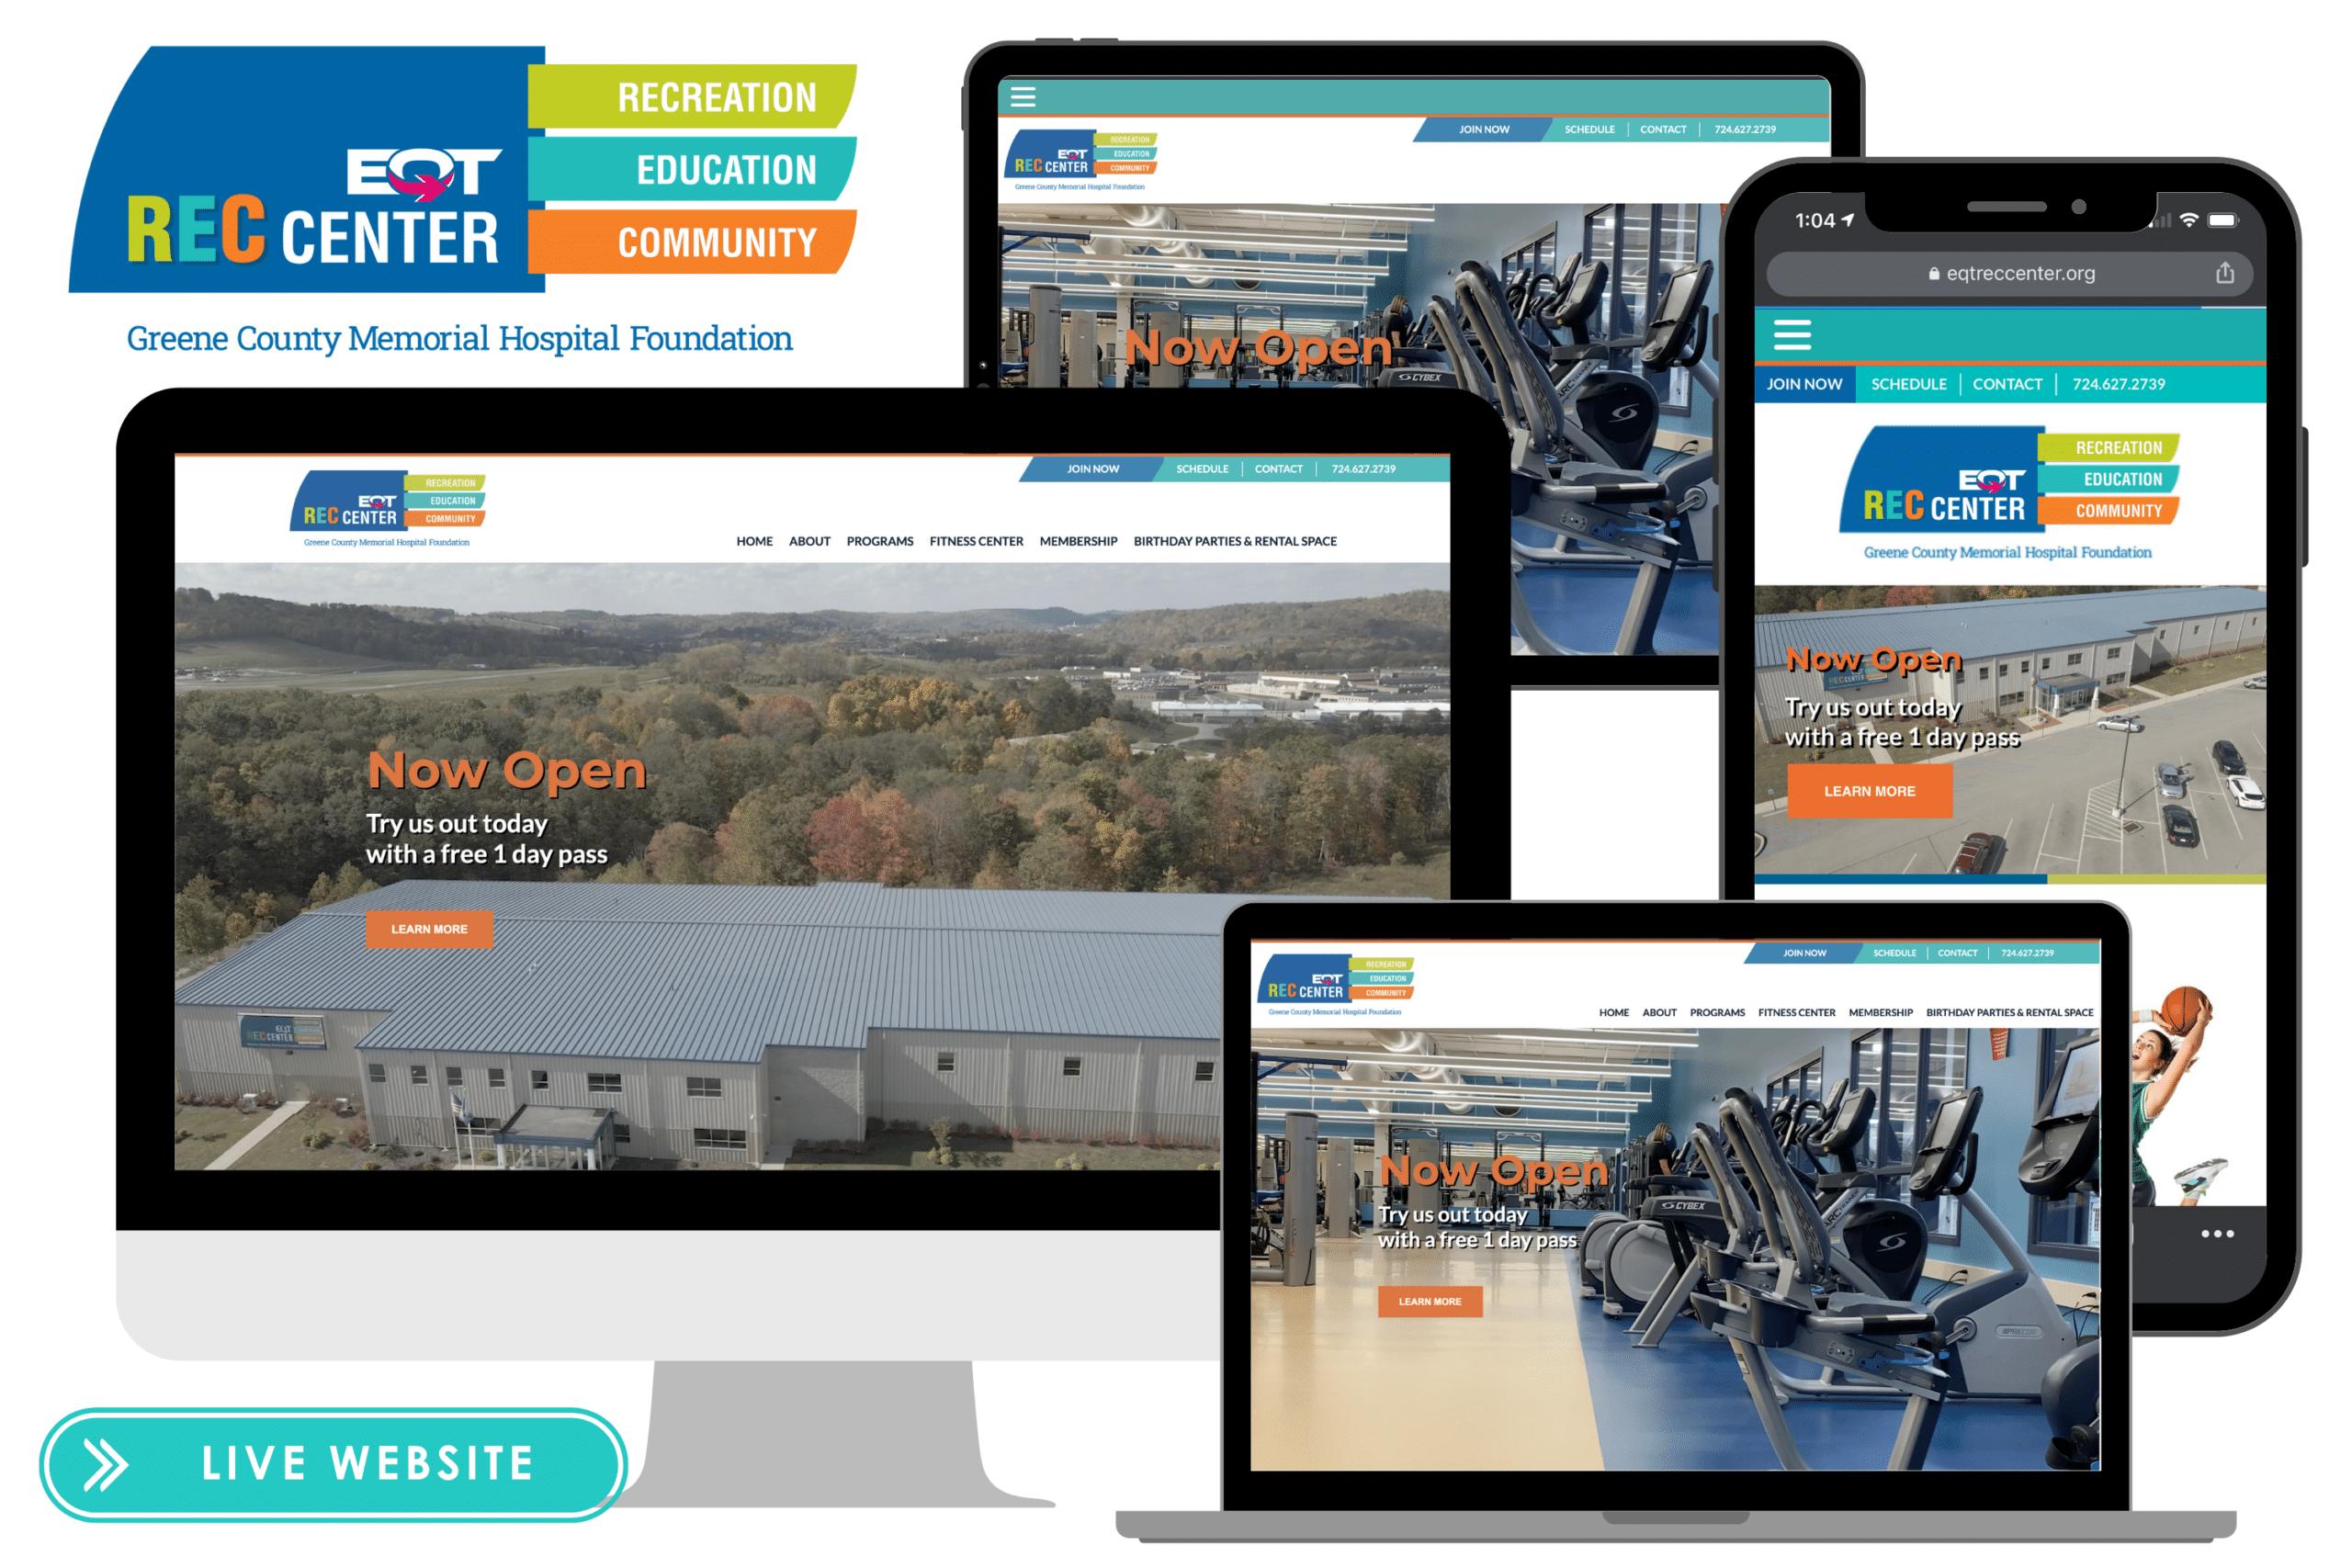 TFM - Website SLIDER - EQT